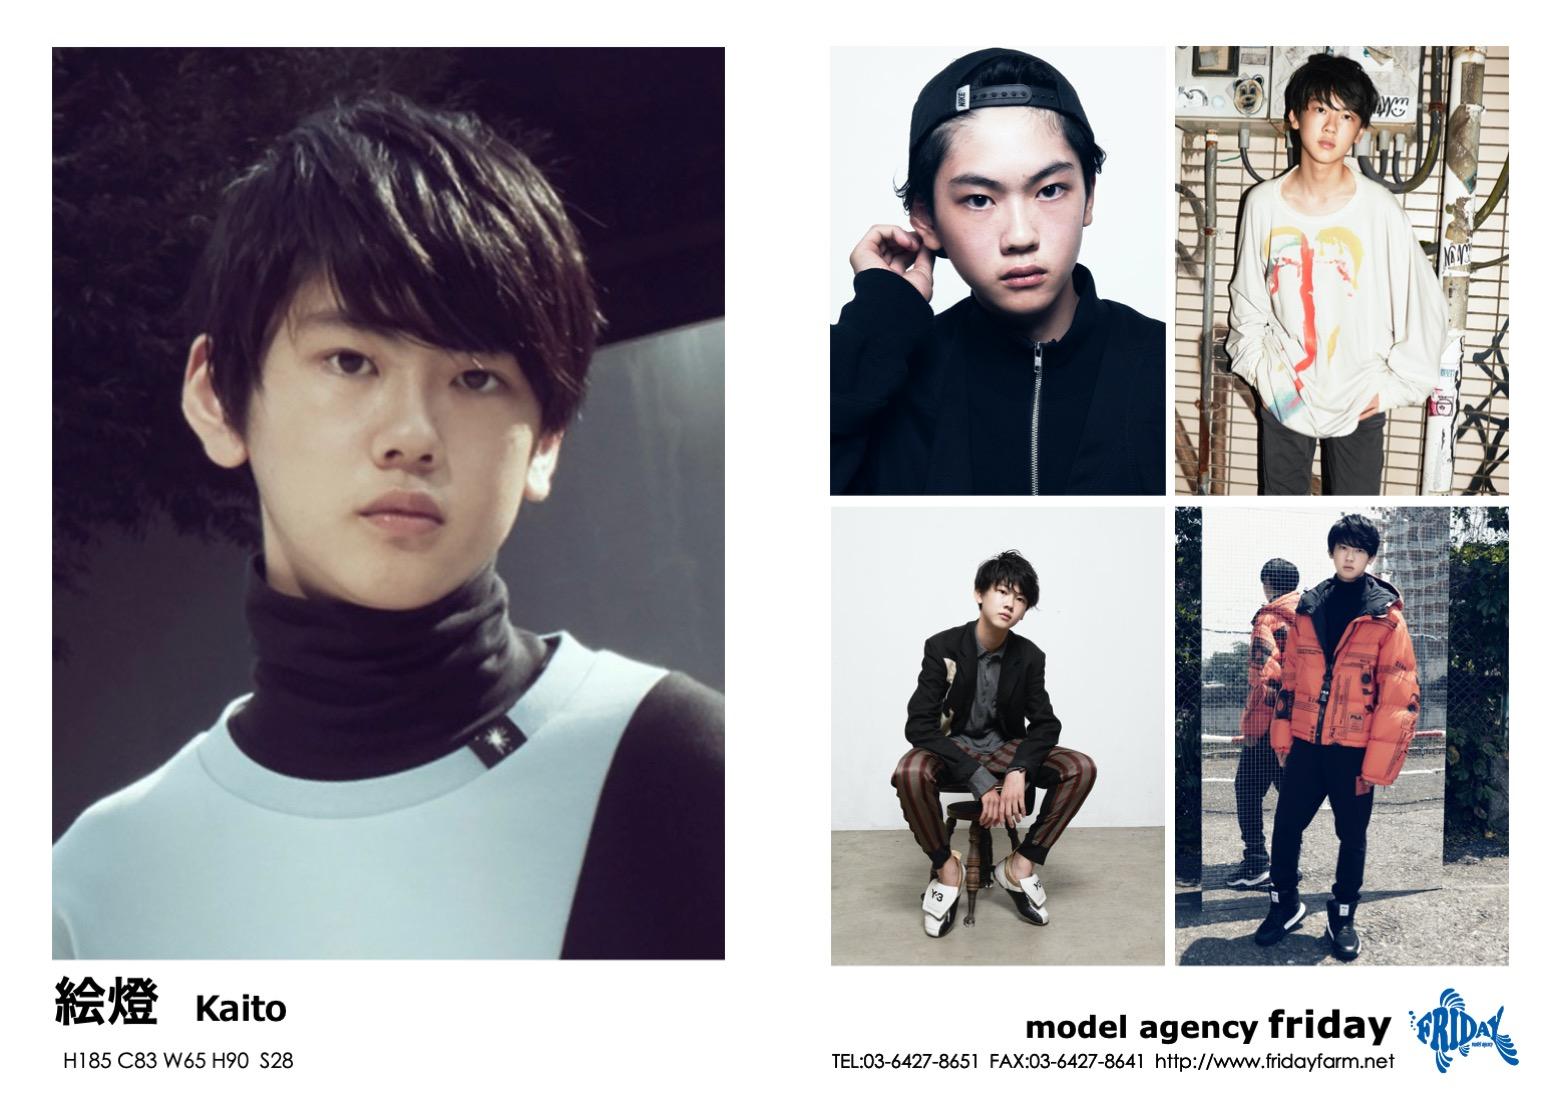 絵燈 - Kaito | model agency friday